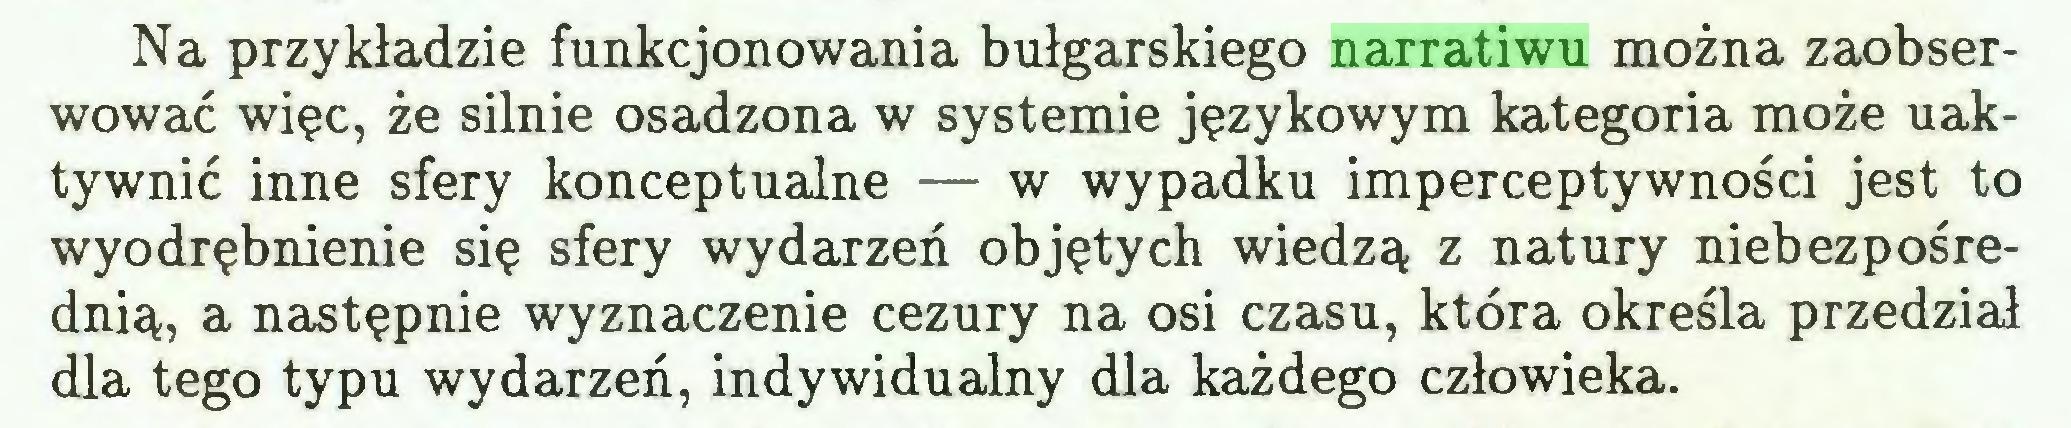 (...) Na przykładzie funkcjonowania bułgarskiego narratiwu można zaobserwować więc, że silnie osadzona w systemie językowym kategoria może uaktywnić inne sfery konceptualne — w wypadku imperceptywności jest to wyodrębnienie się sfery wydarzeń objętych wiedzą z natury niebezpośrednią, a następnie wyznaczenie cezury na osi czasu, która określa przedział dla tego typu wydarzeń, indywidualny dla każdego człowieka...